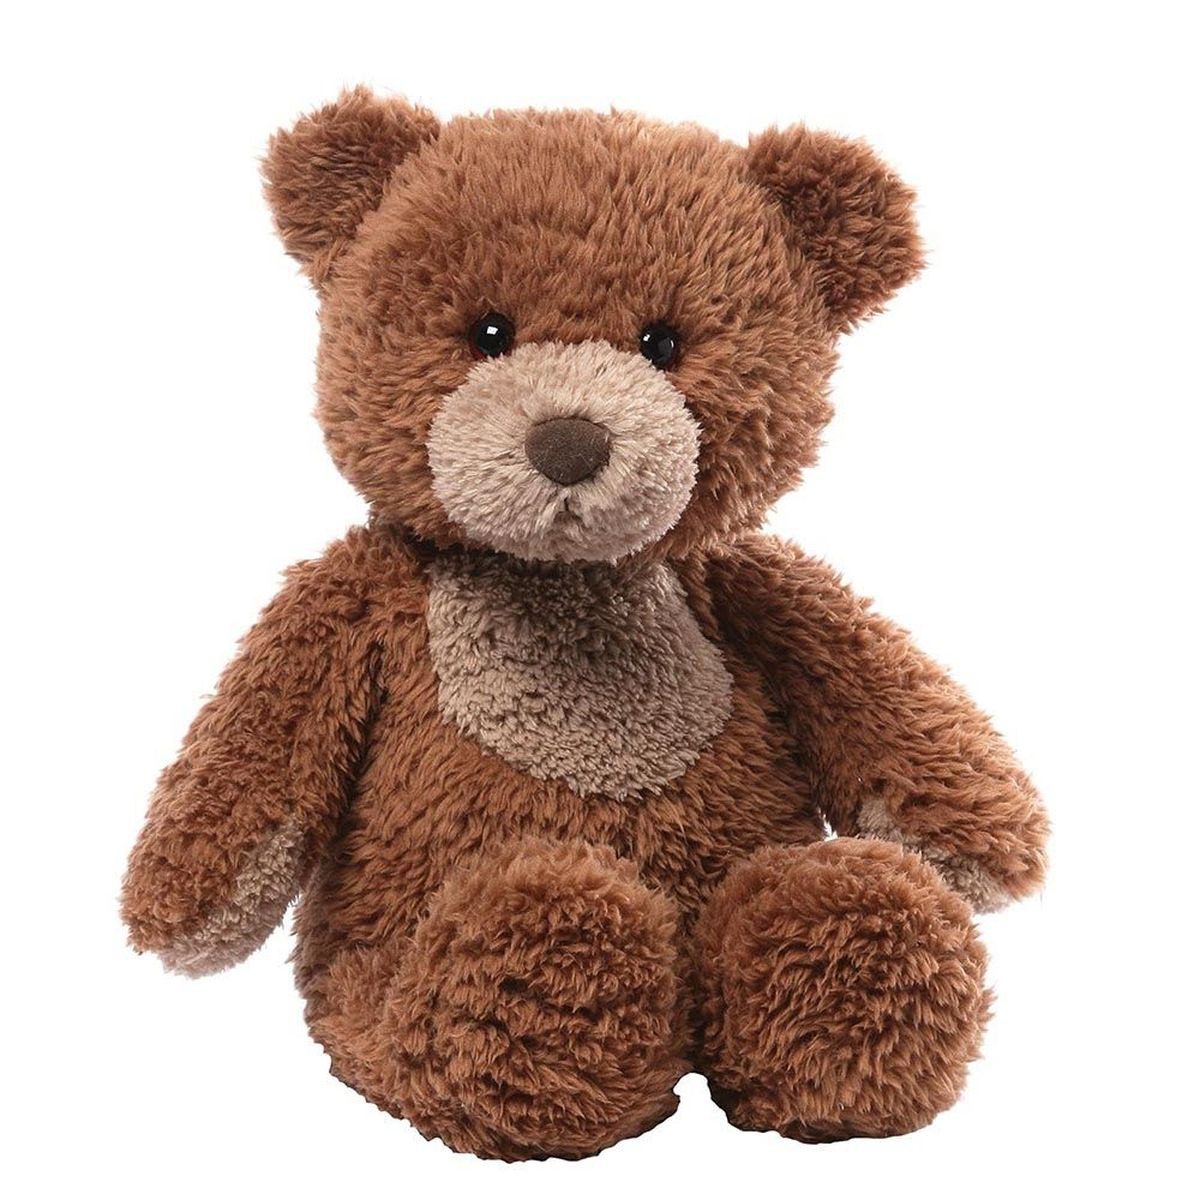 Gund Мягкая игрушка Lil Bear 32 см gund мягкая игрушка arlo bear 18 см